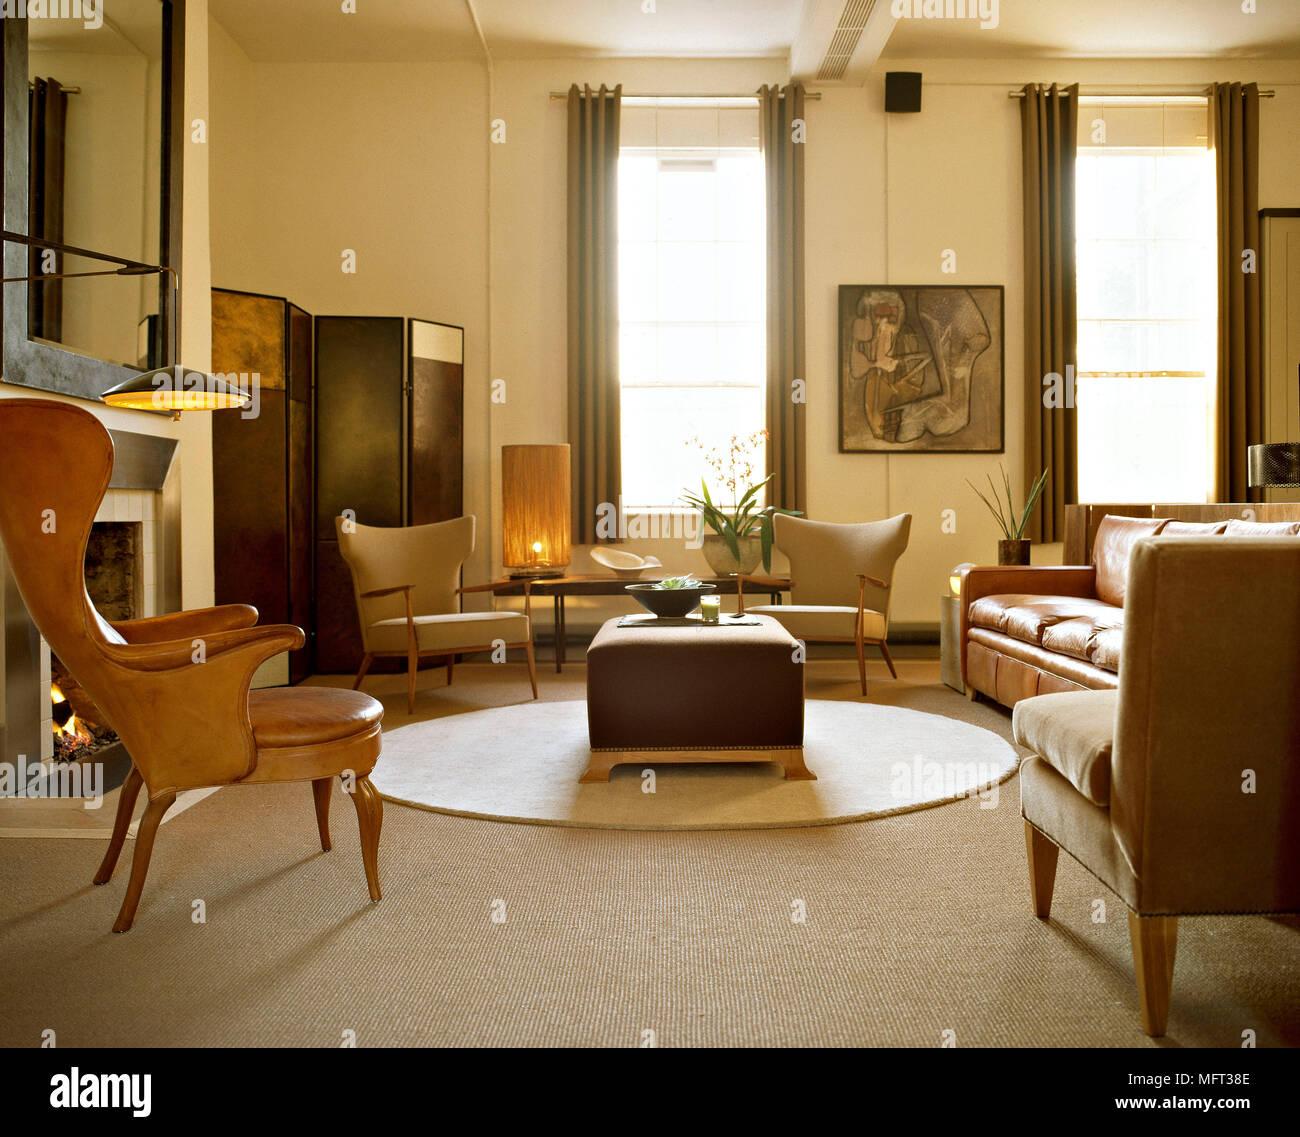 Moderne Wohnzimmer Braunen Ledersesseln Und Einem Runden Teppich